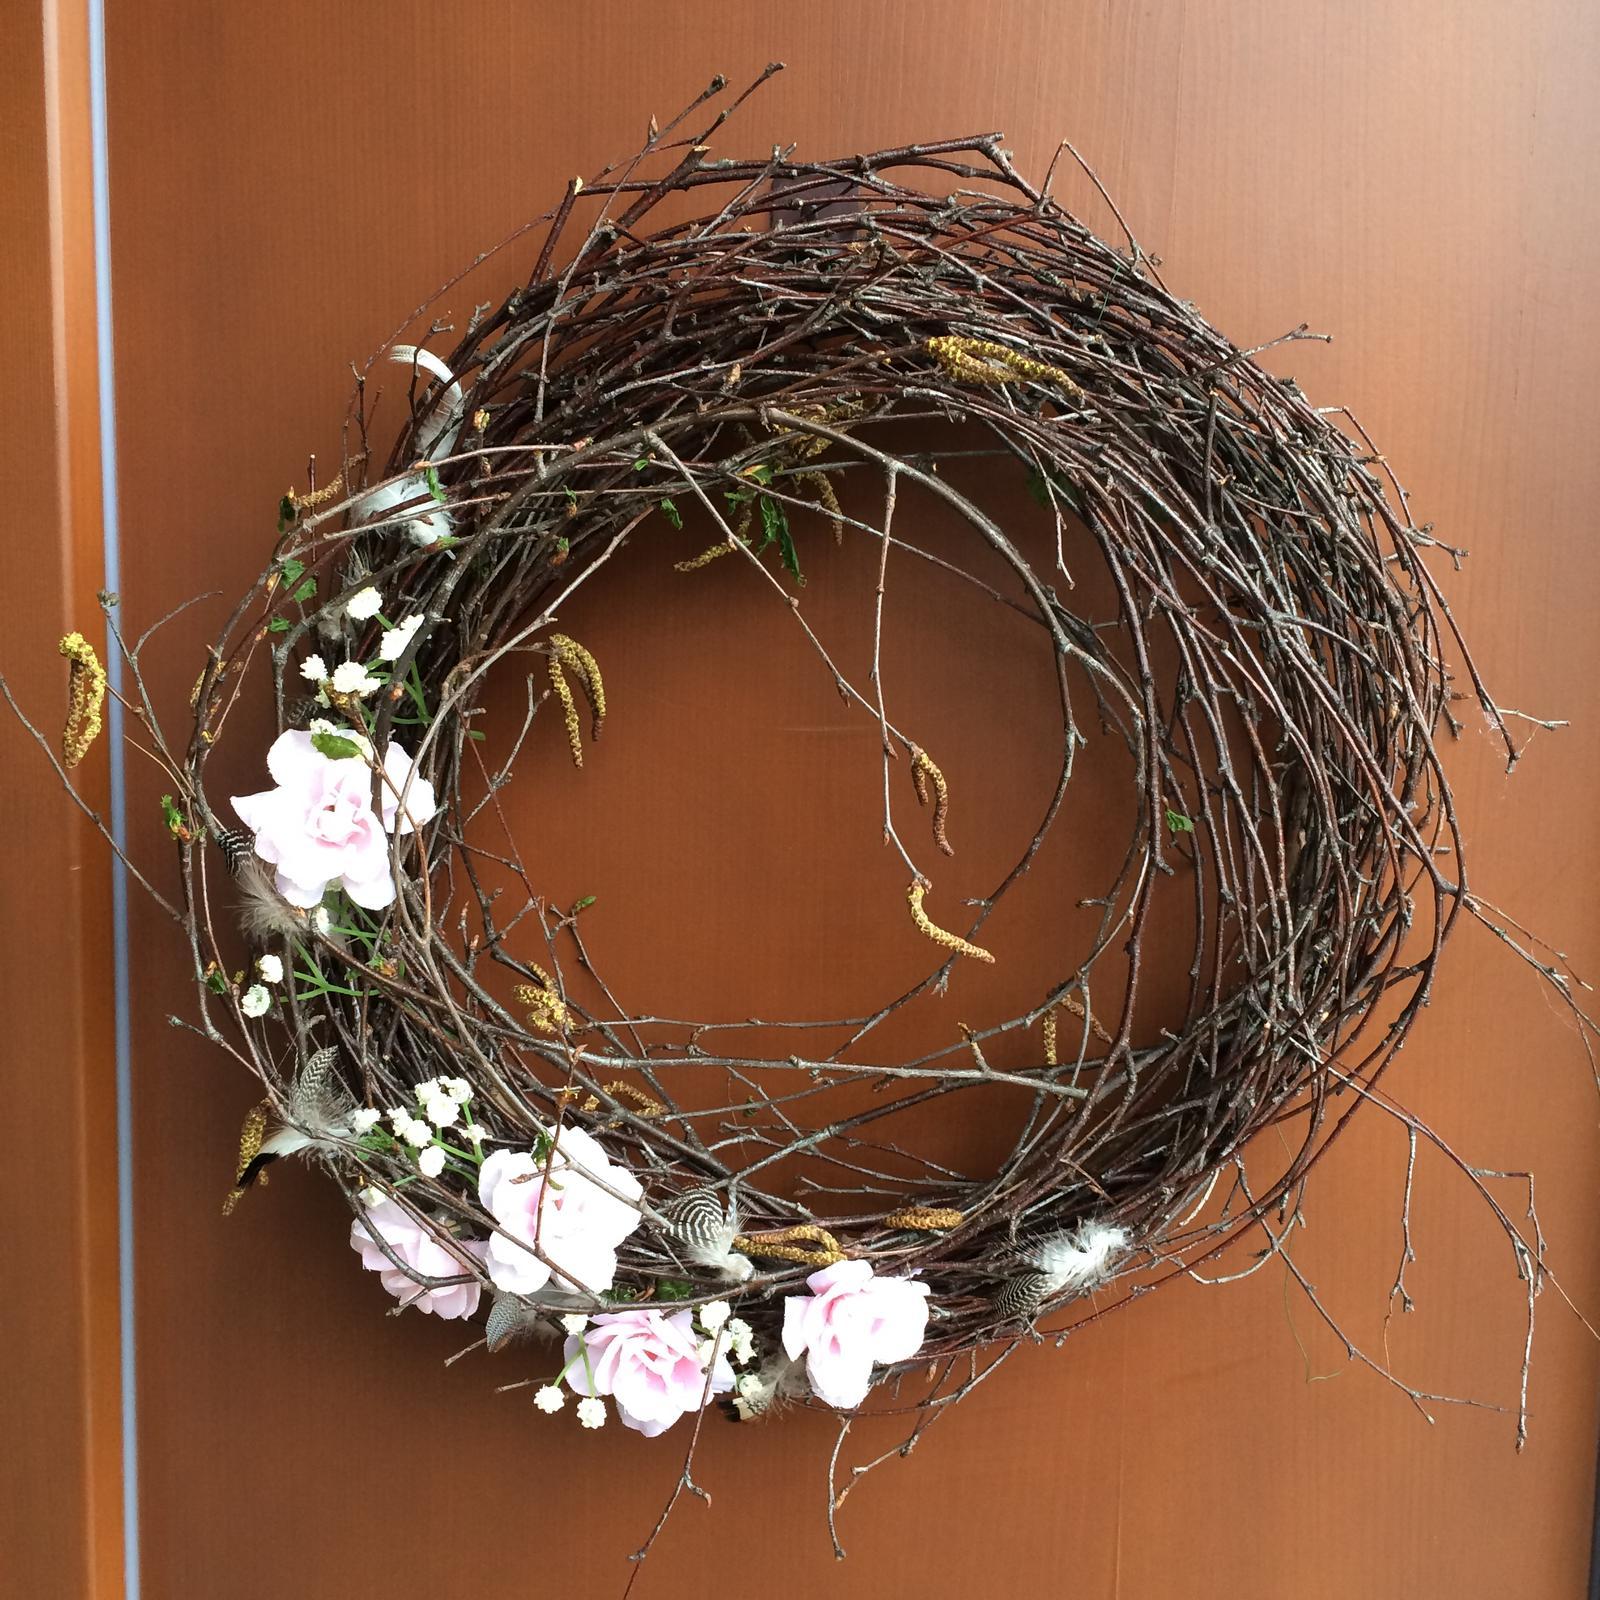 Dekorace z květin Pro radost - Dnes jsem načapala kosáka zřejmě nadšeného z březového proutí, jak mi ho krade😂😅